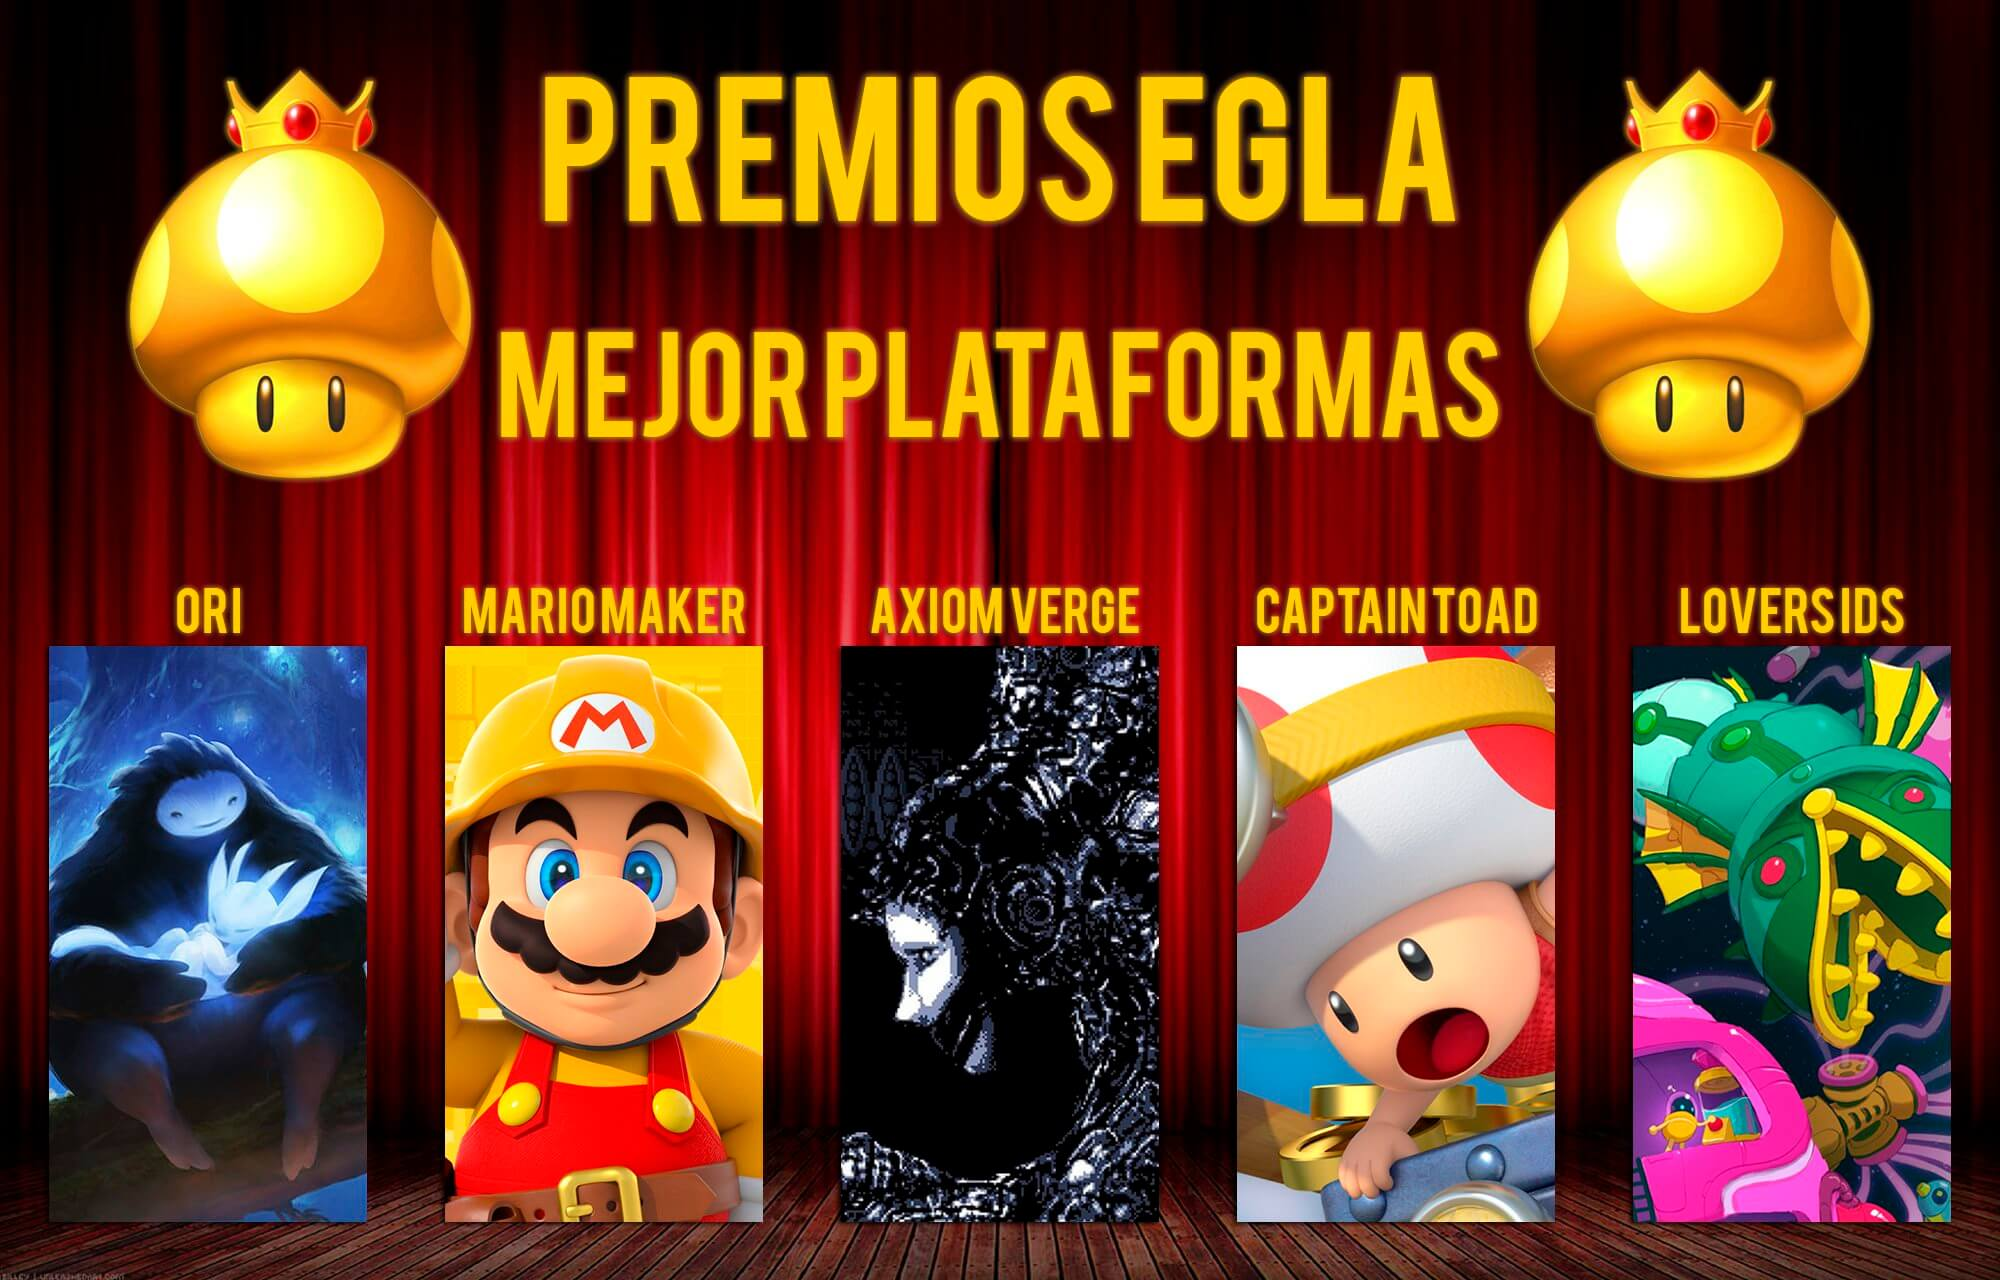 Premios EGLA 2015 Mejor Juego de Plataformas